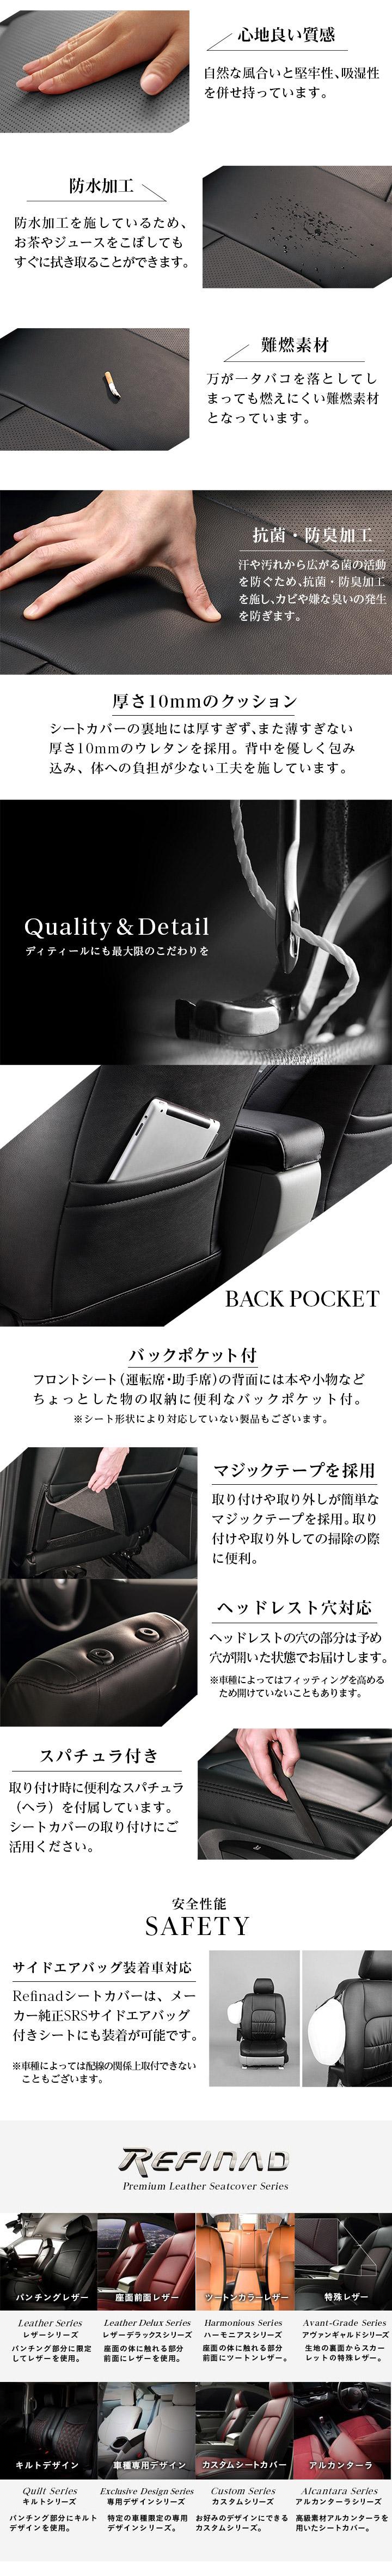 もちろんシートカバーの各種基本性能を備えています。